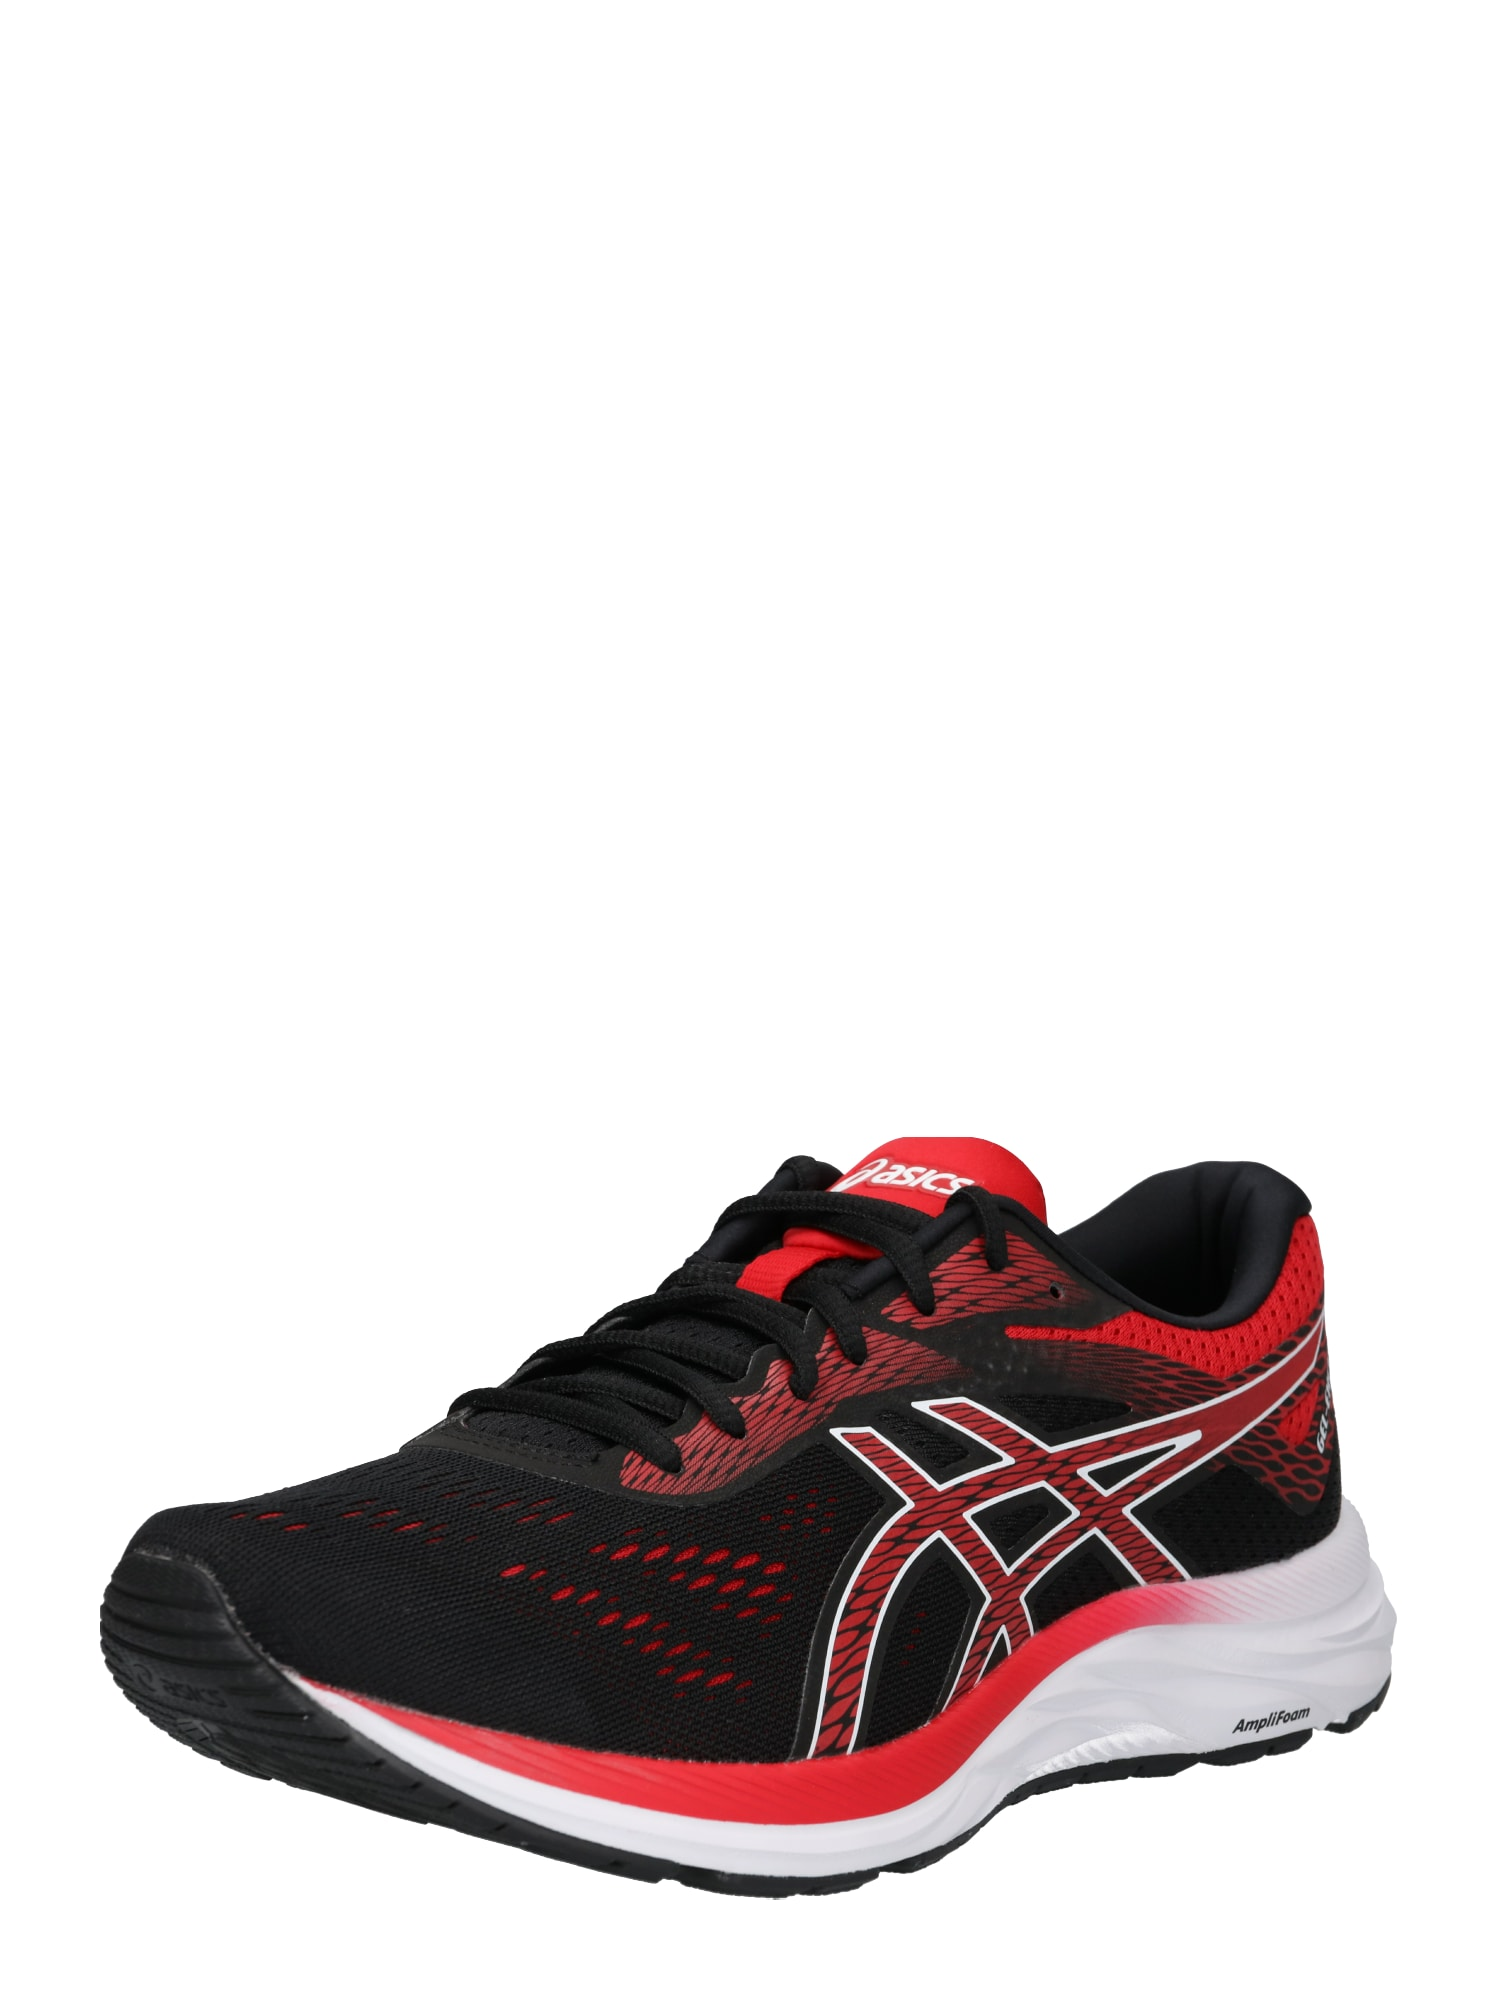 Běžecká obuv GEL-EXCITE 6 červená černá bílá ASICS